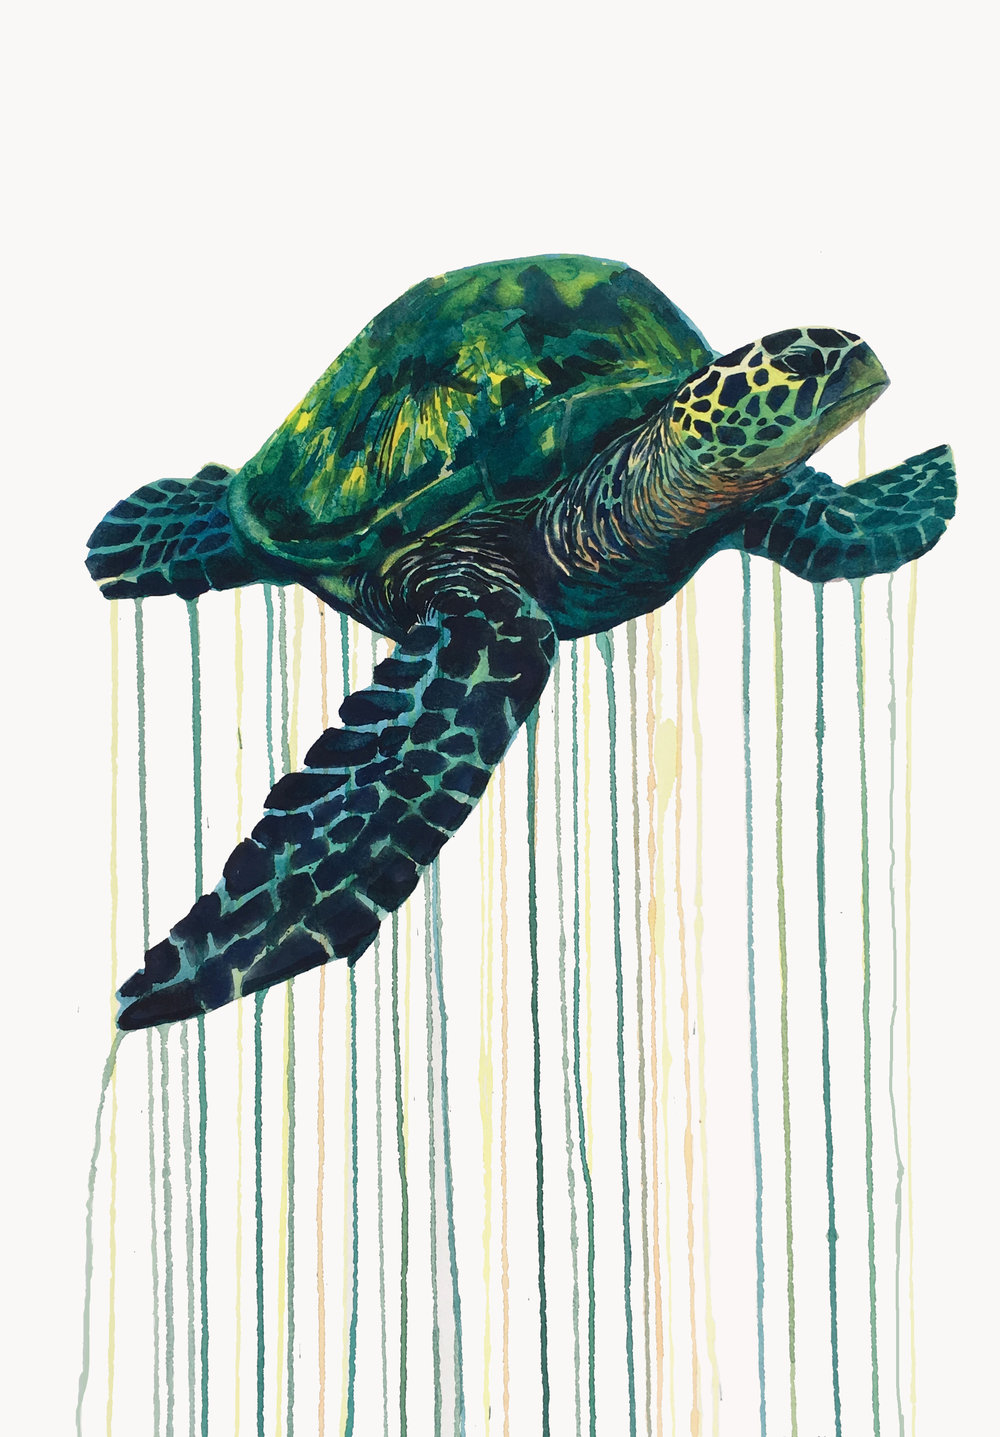 Kai_Kaulukukui_Turtle.jpg